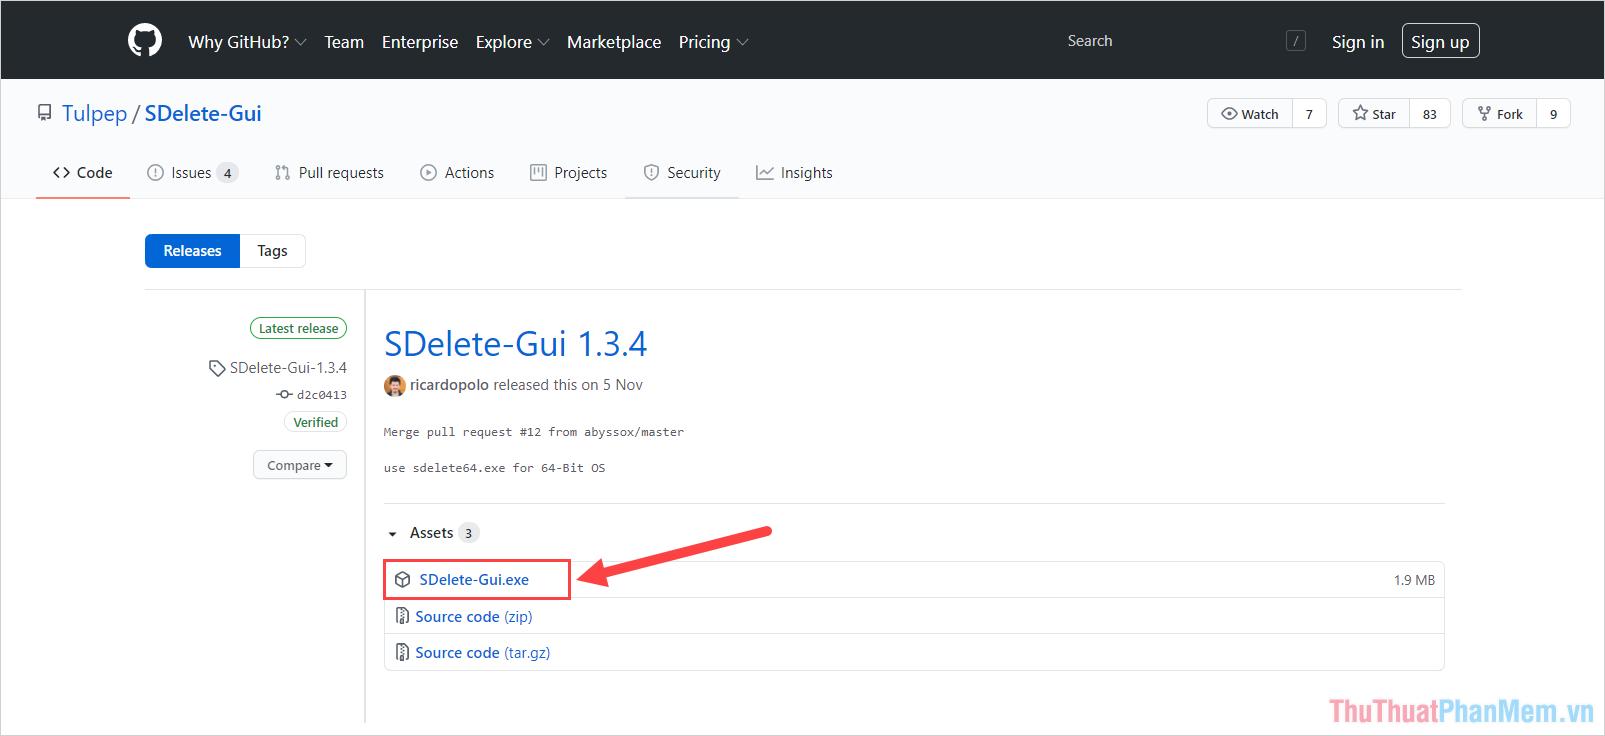 Chọn mục Sdelete-GUI.exe để tải phần mềm